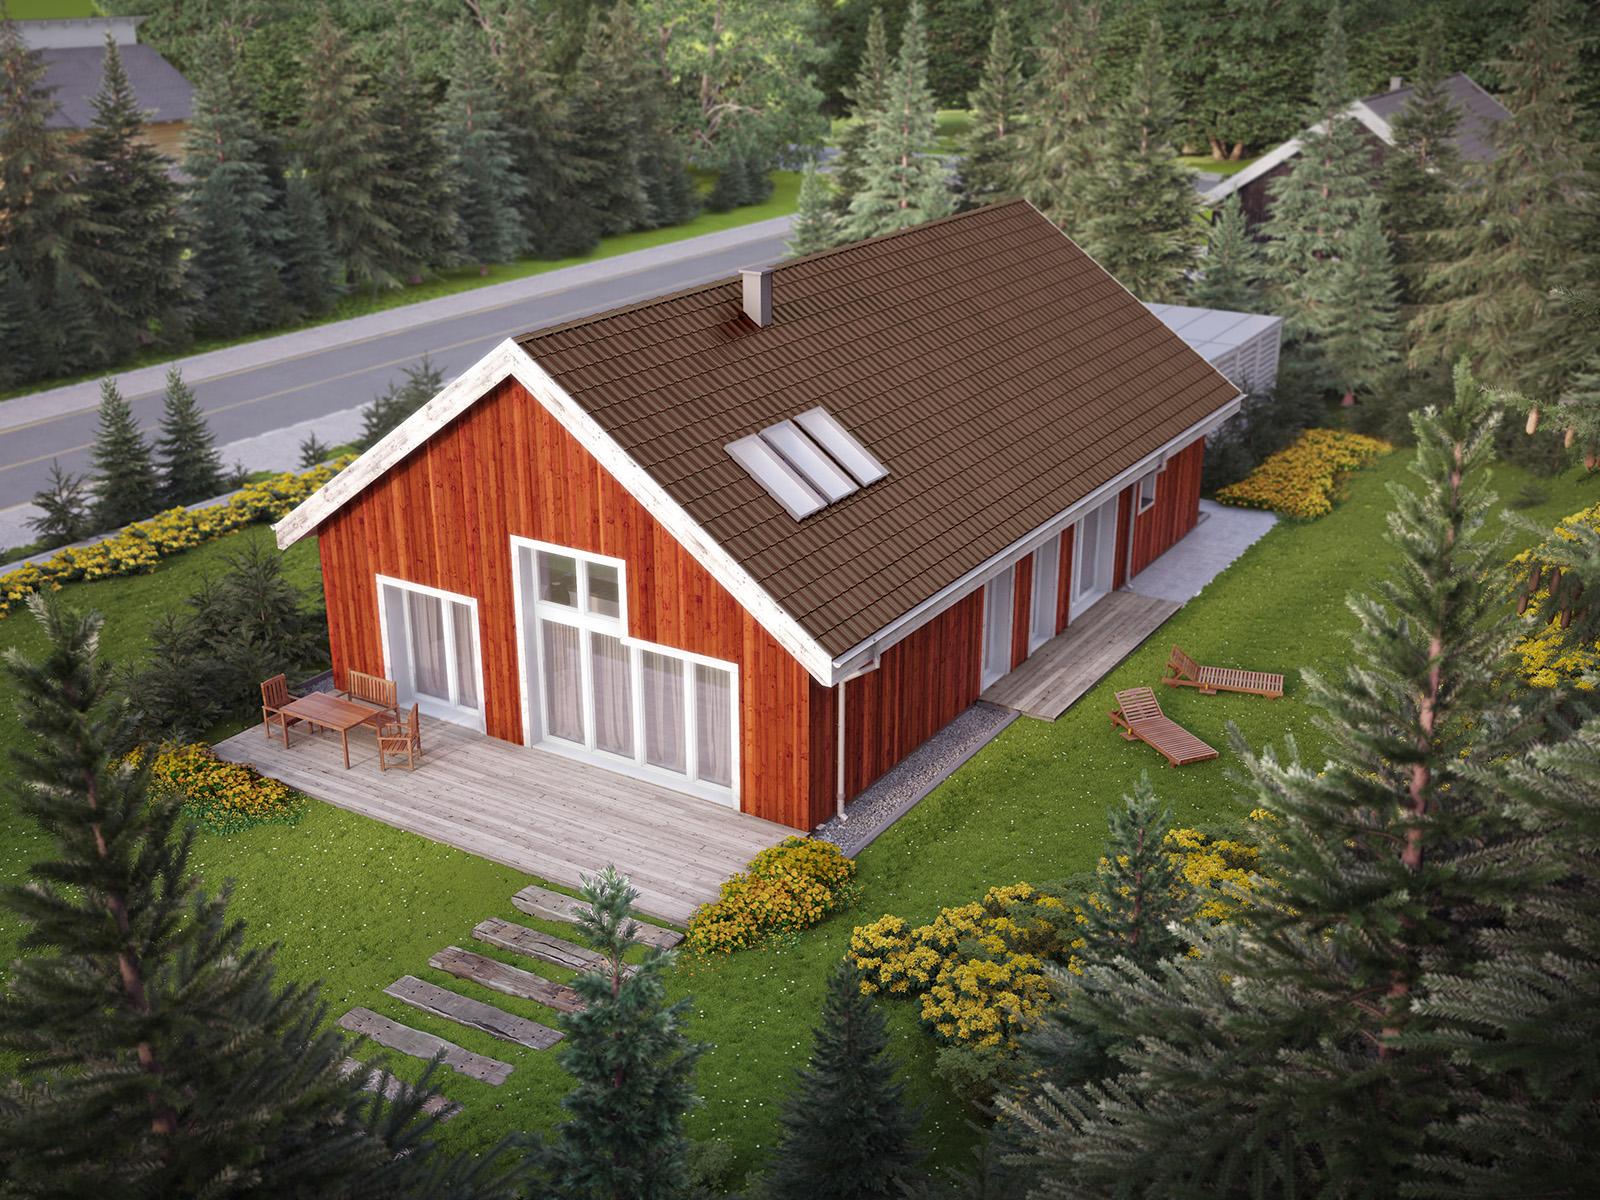 Projekt domu SKANDYNAWSKI Domy Czystej Energii widok od ogrodu i od boku